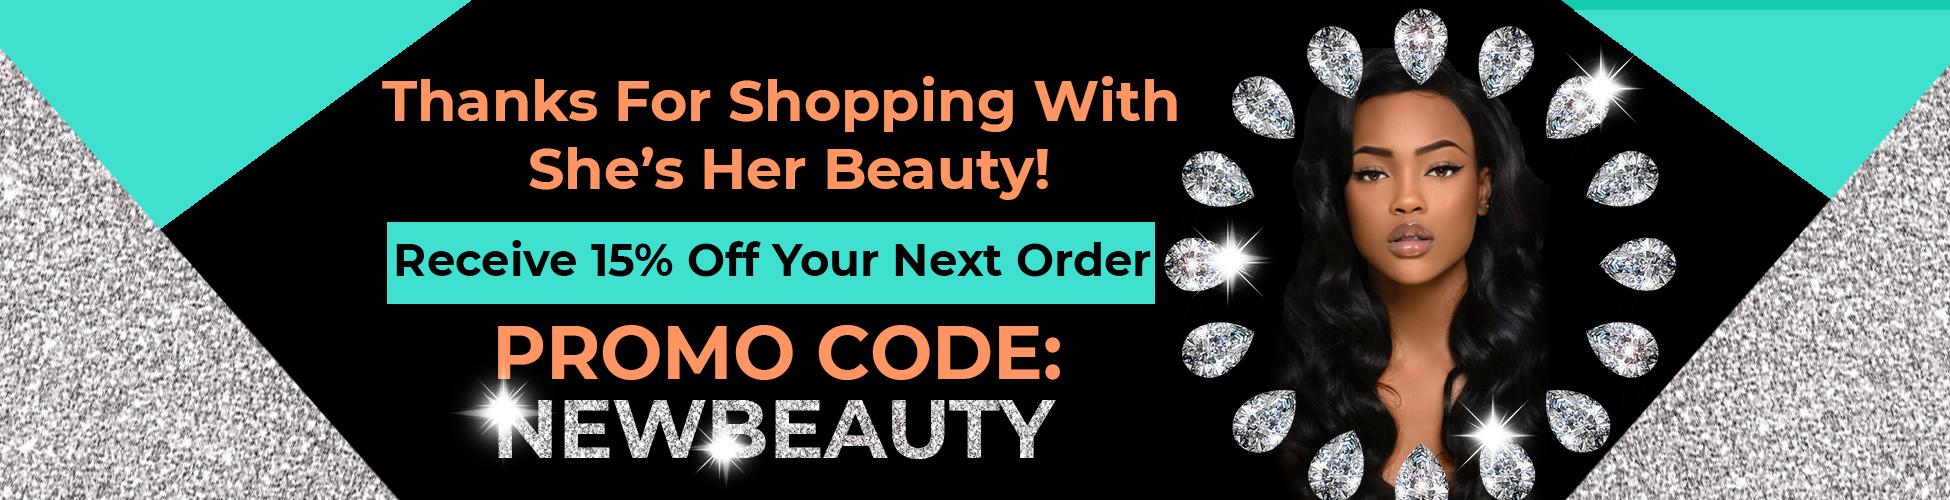 Header-Banner-She-s-Her-Beauty